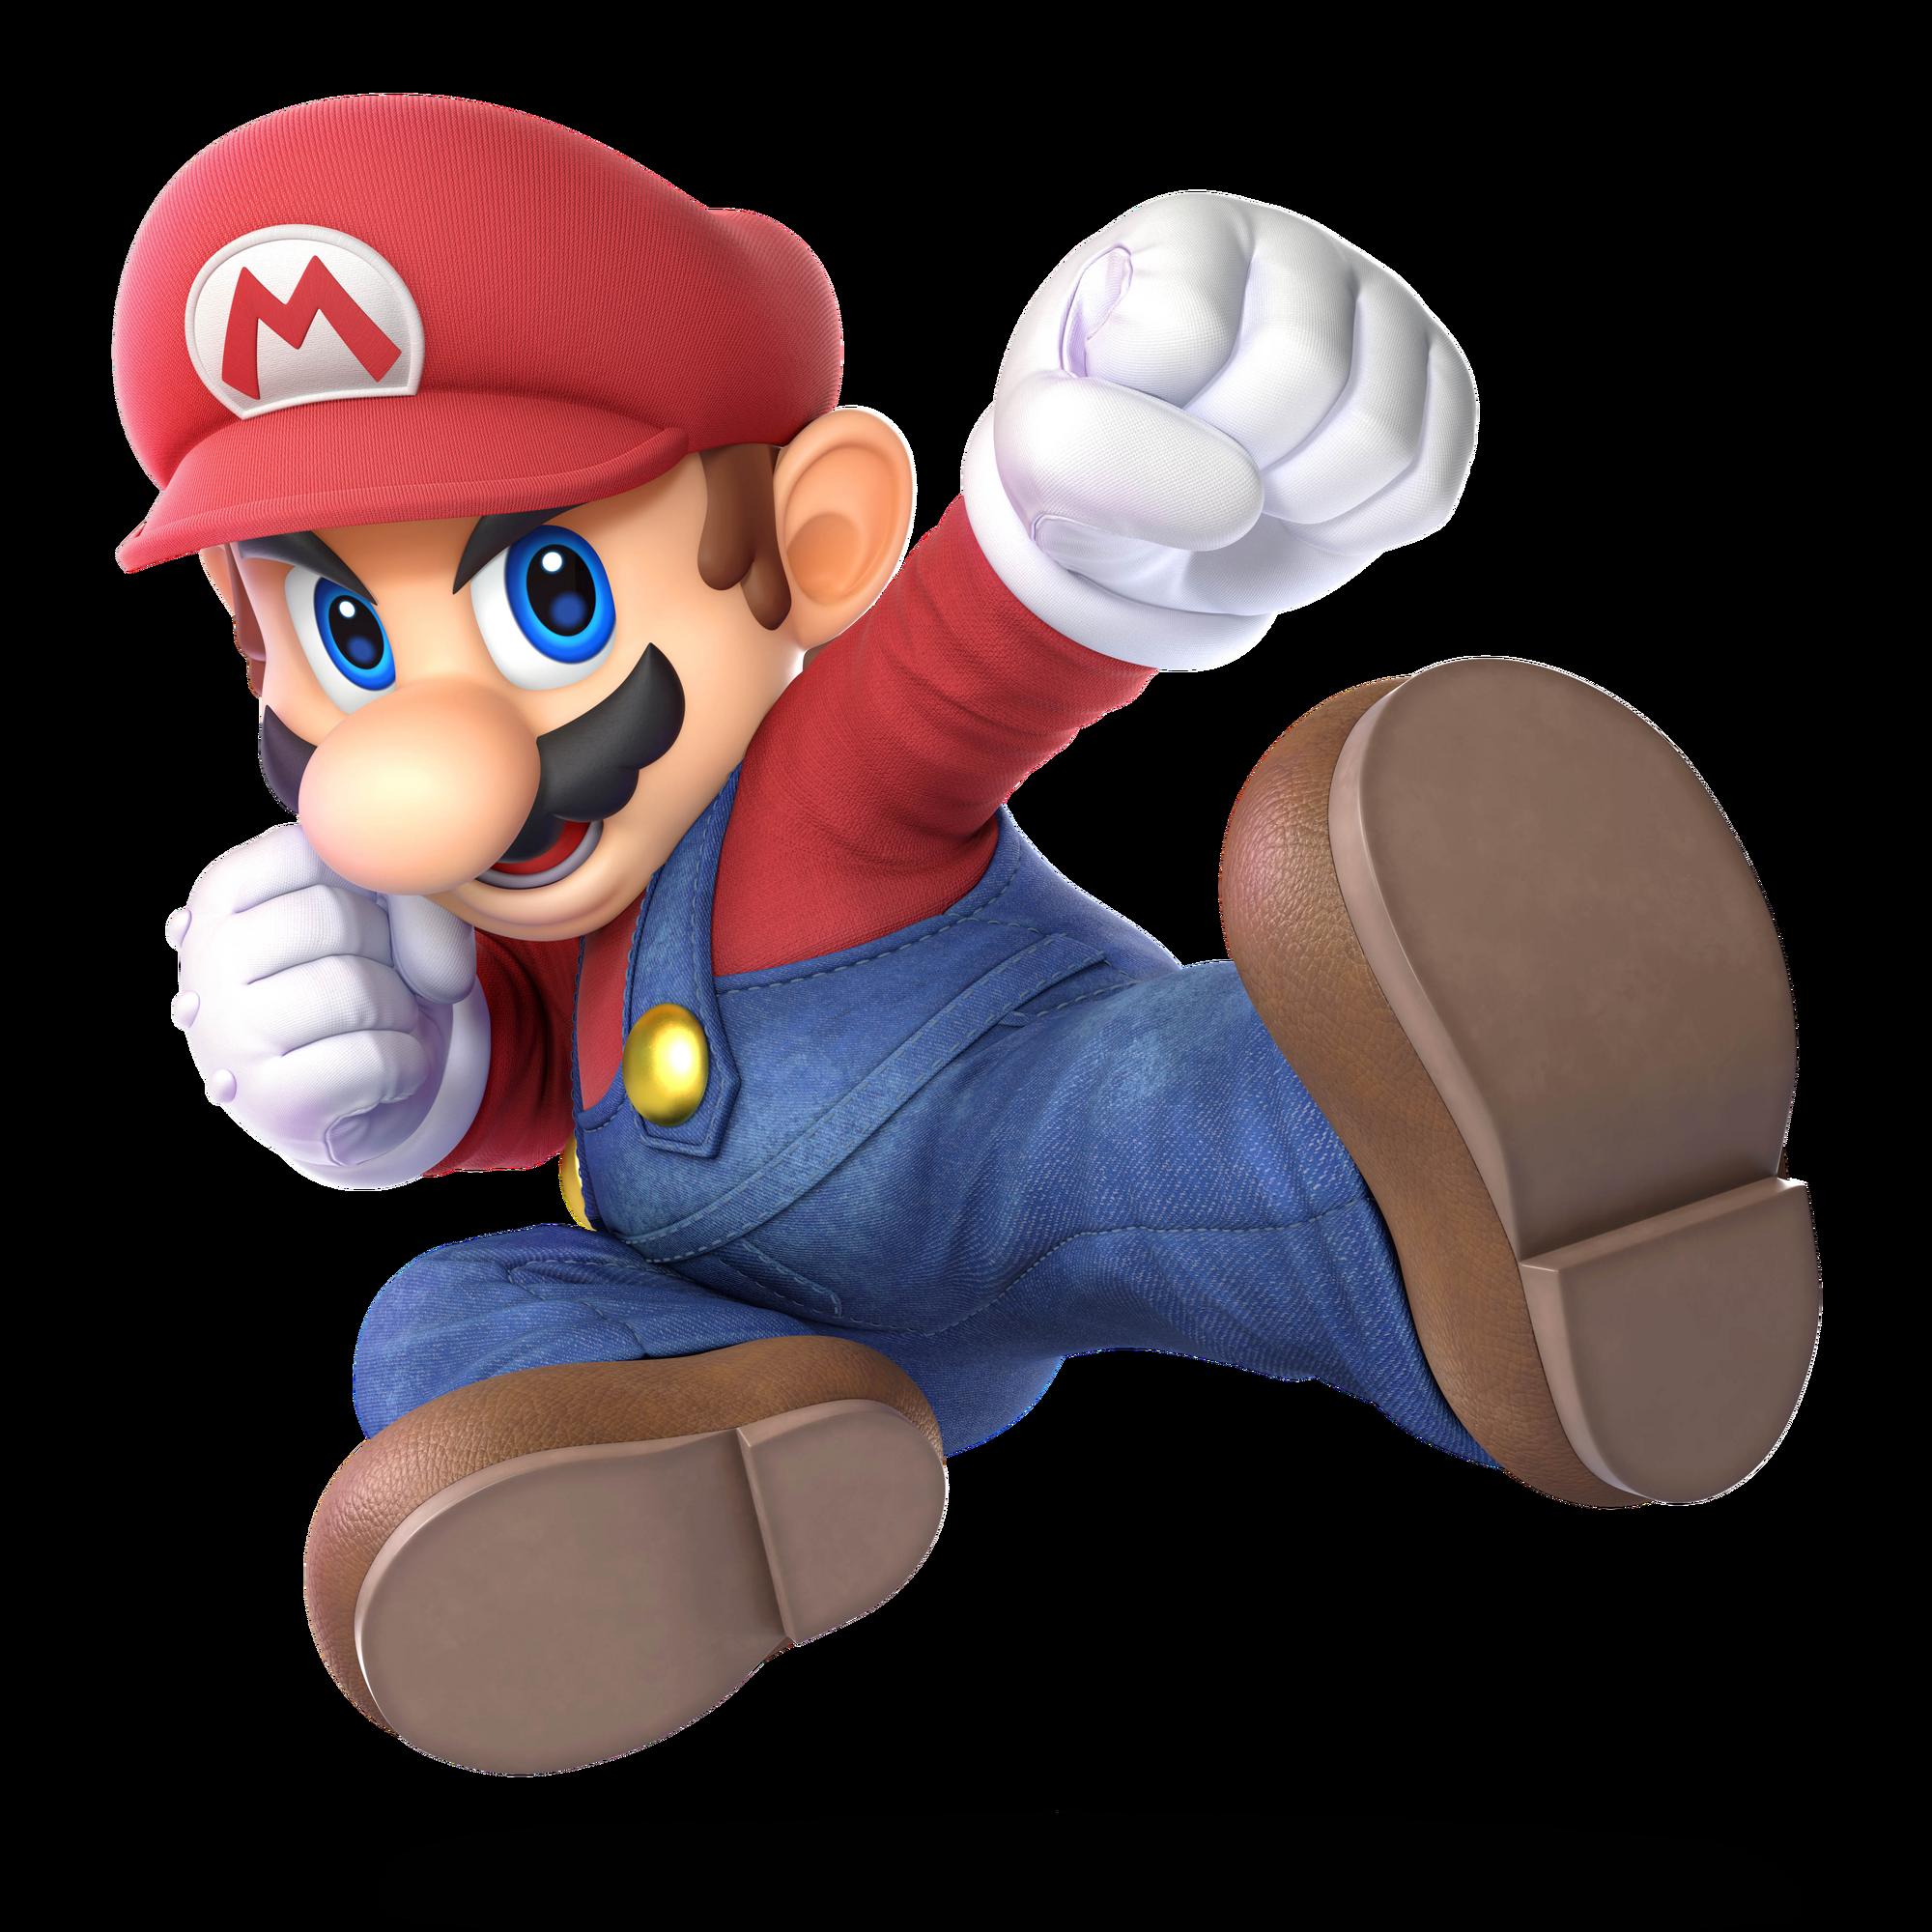 565250c54d0032 Mario